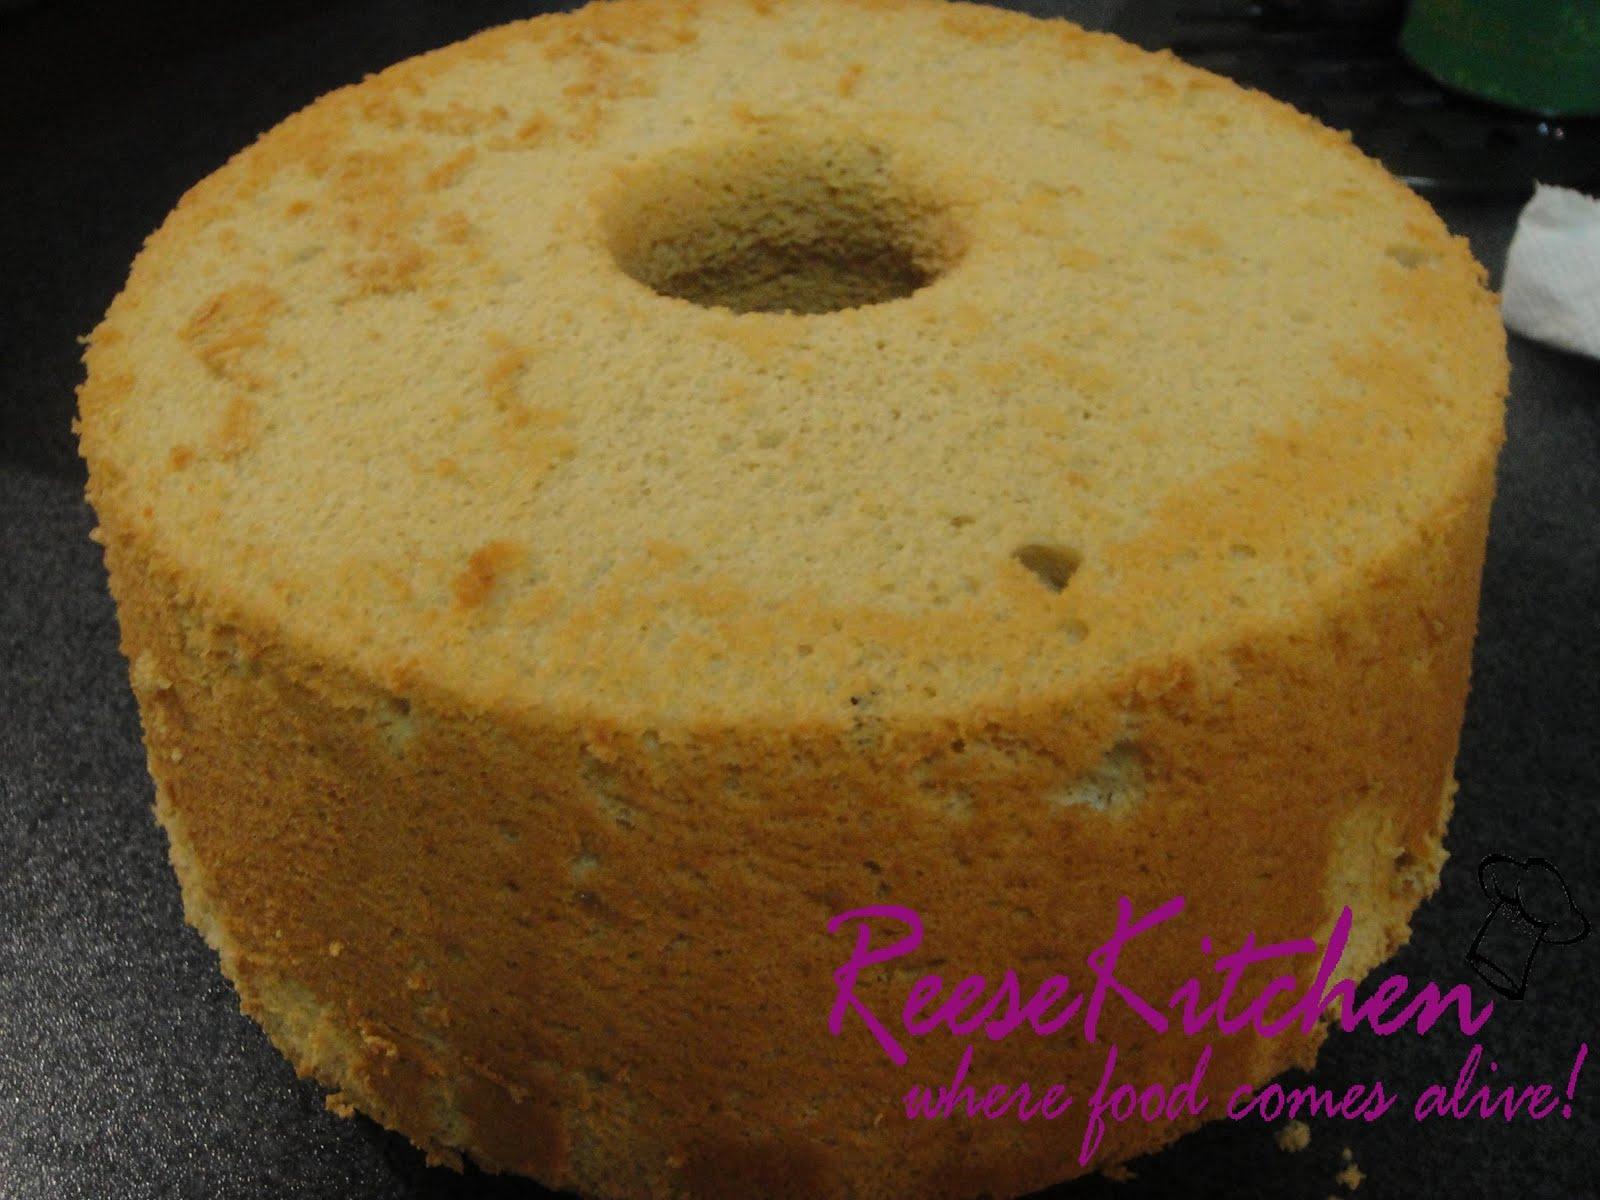 Best chiffon cake recipe pinoy